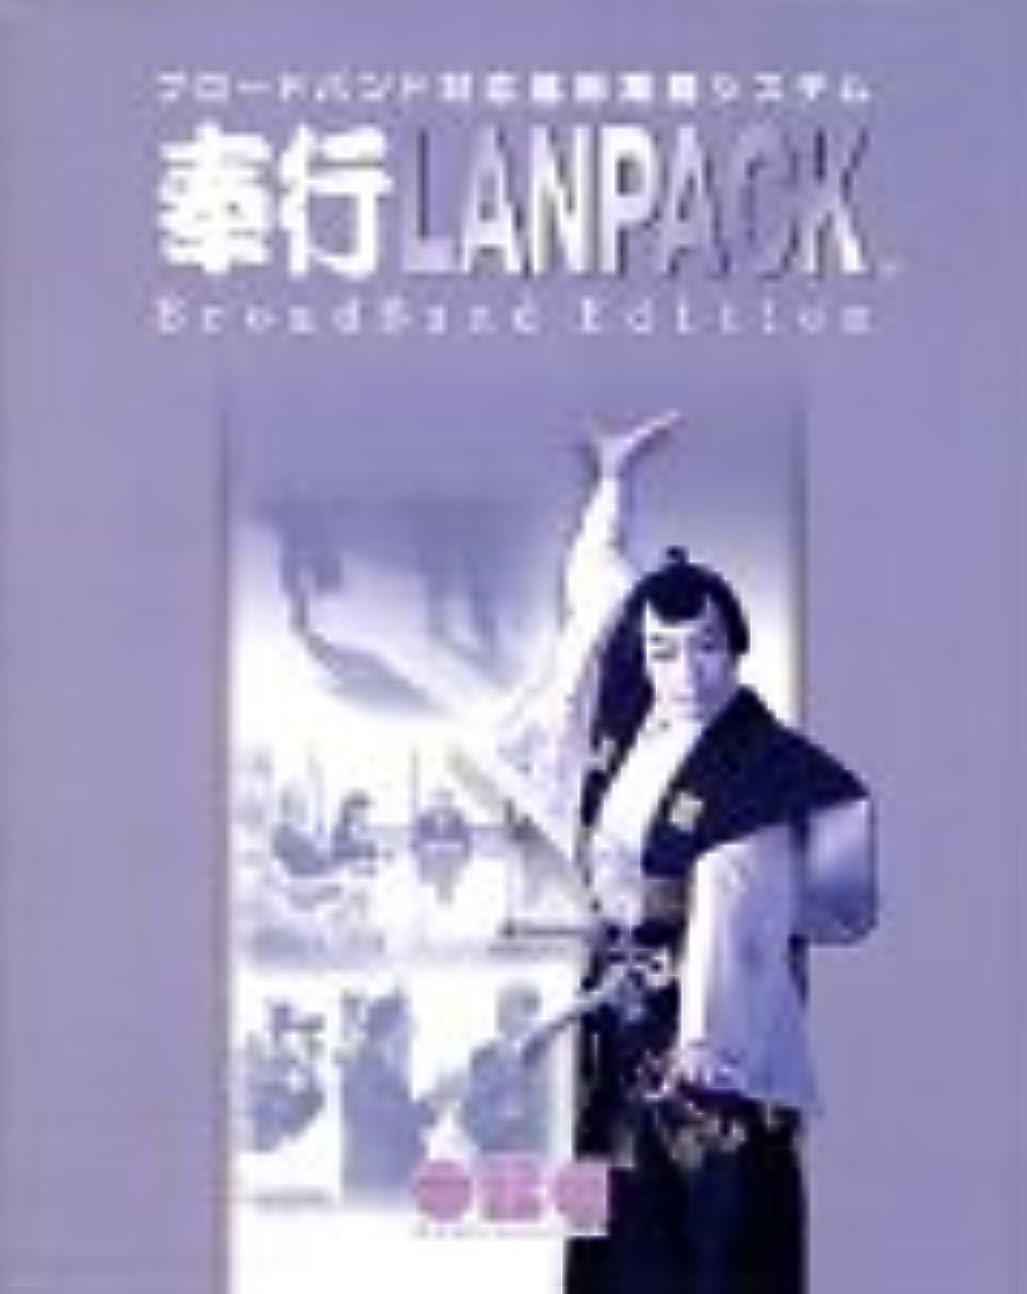 上院リビジョンプレビスサイト勘定奉行21[個別原価管理編]LANPACK BB for Win 40ライセンス